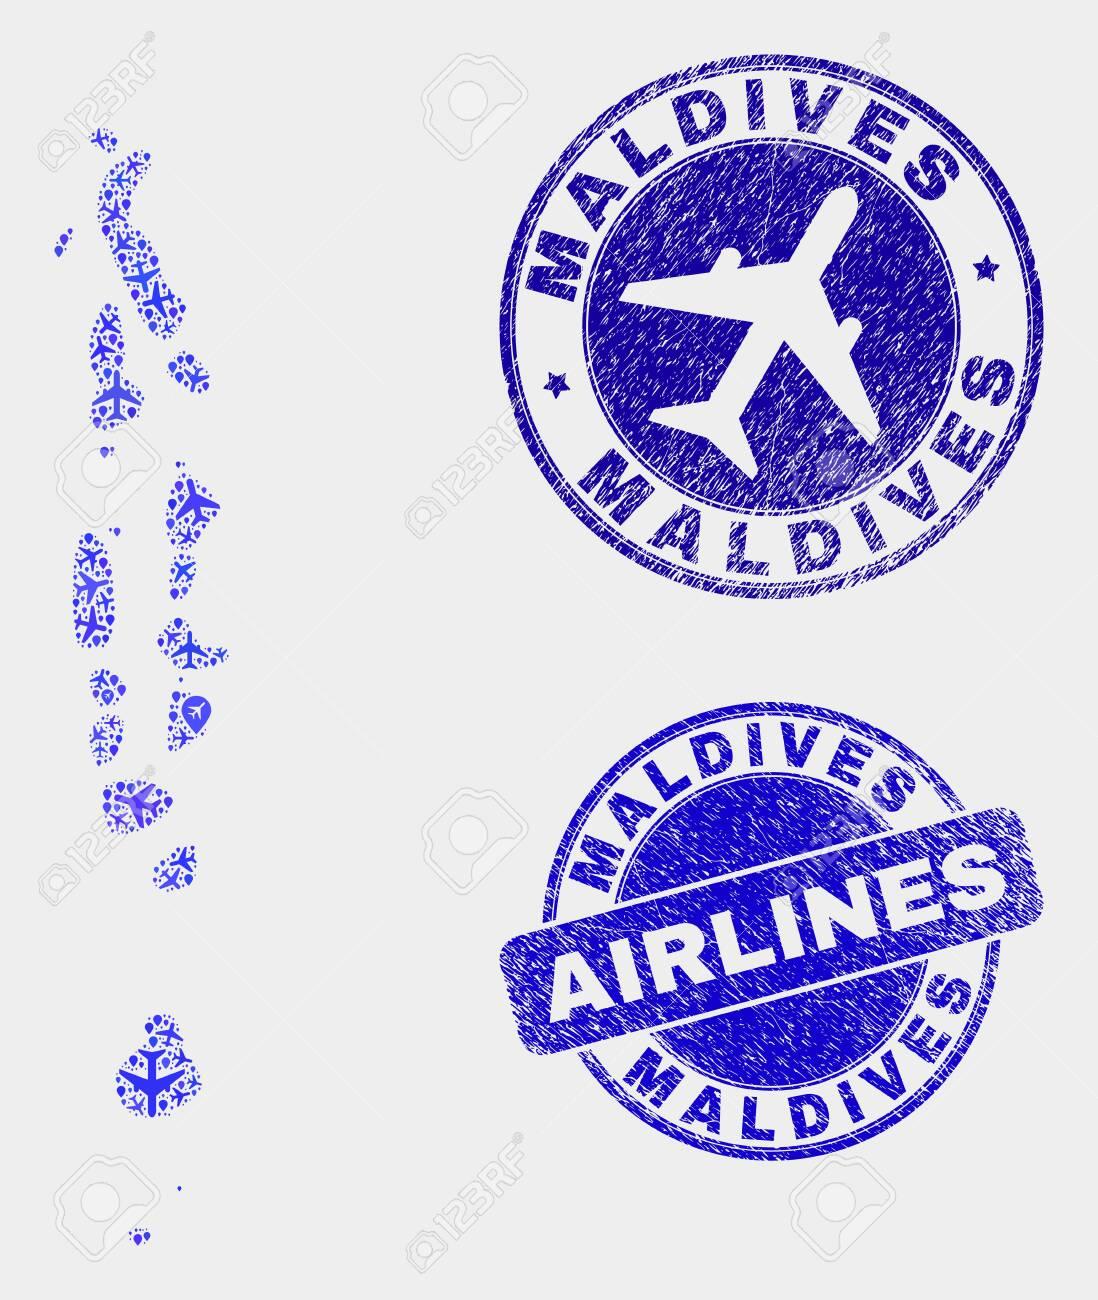 Airplane vector Maldives map mosaic and grunge seals. Abstract..